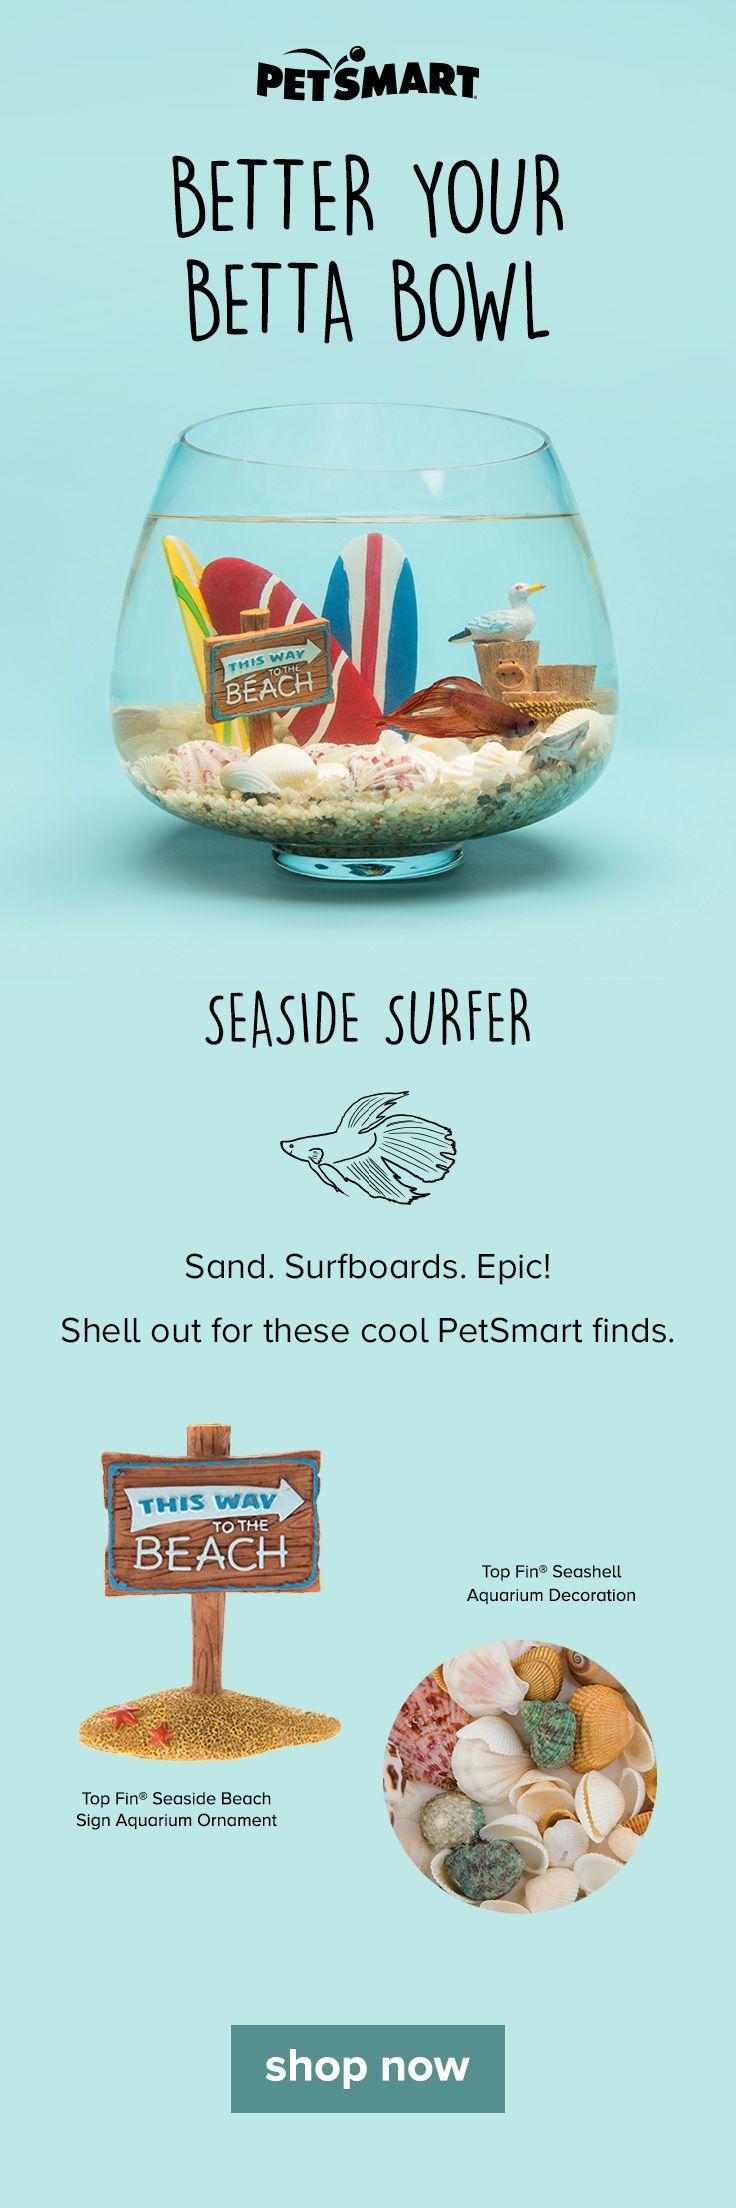 Freshwater fish for aquarium petsmart - Top Fin Surboards Aquarium Ornament At Petsmart Shop All Fish Ornaments Online